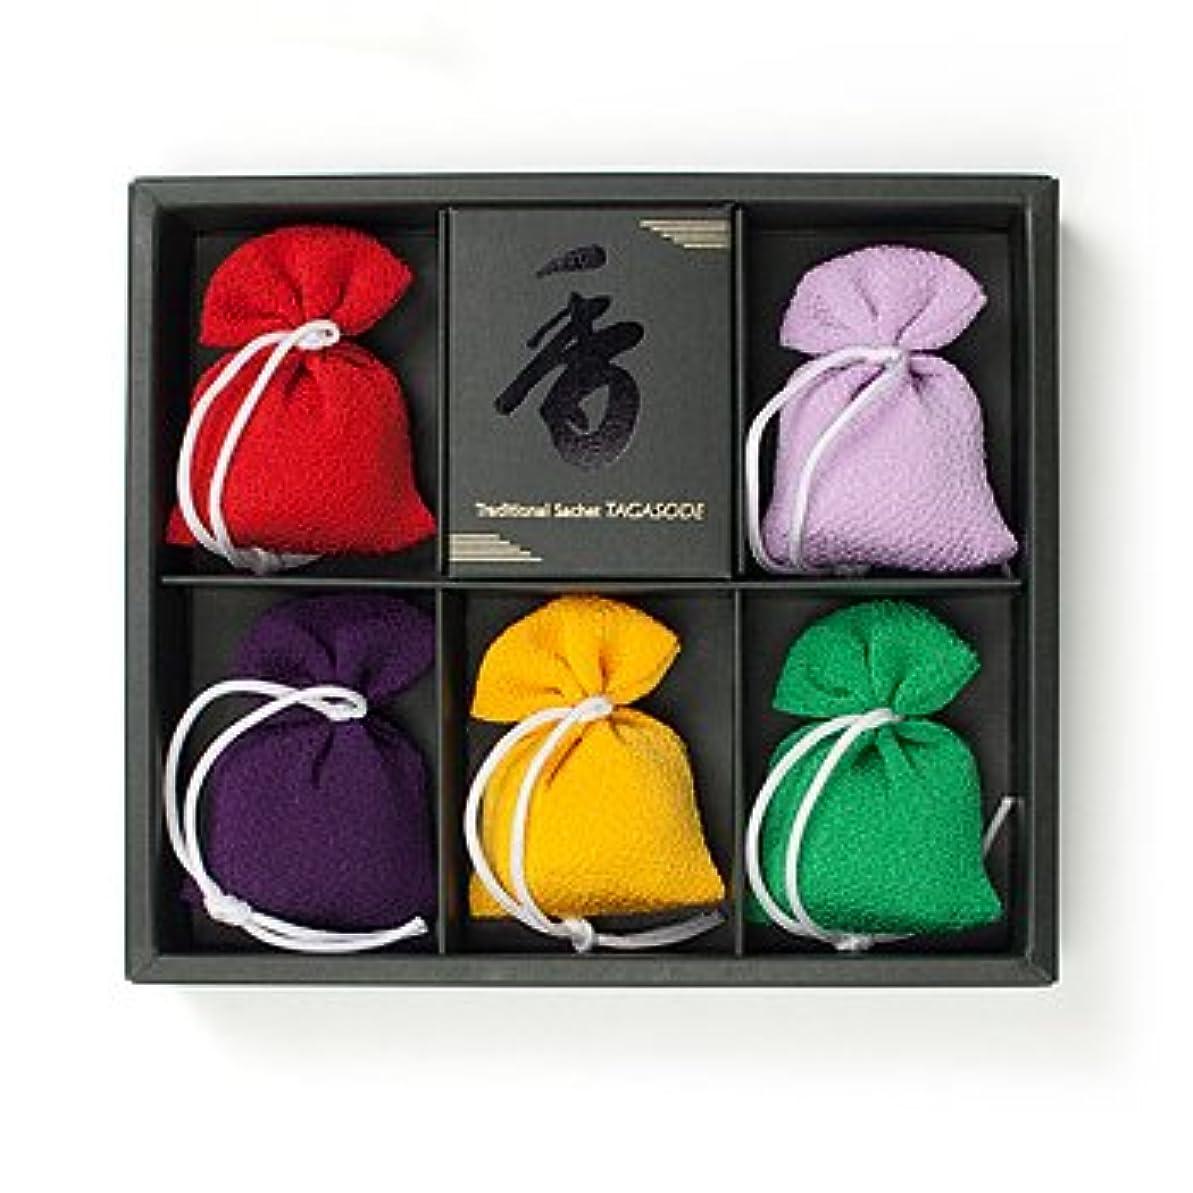 ロードブロッキング醸造所リード匂い袋 誰が袖 上品(無地) (色は選べません) 5個入 松栄堂 Shoyeido